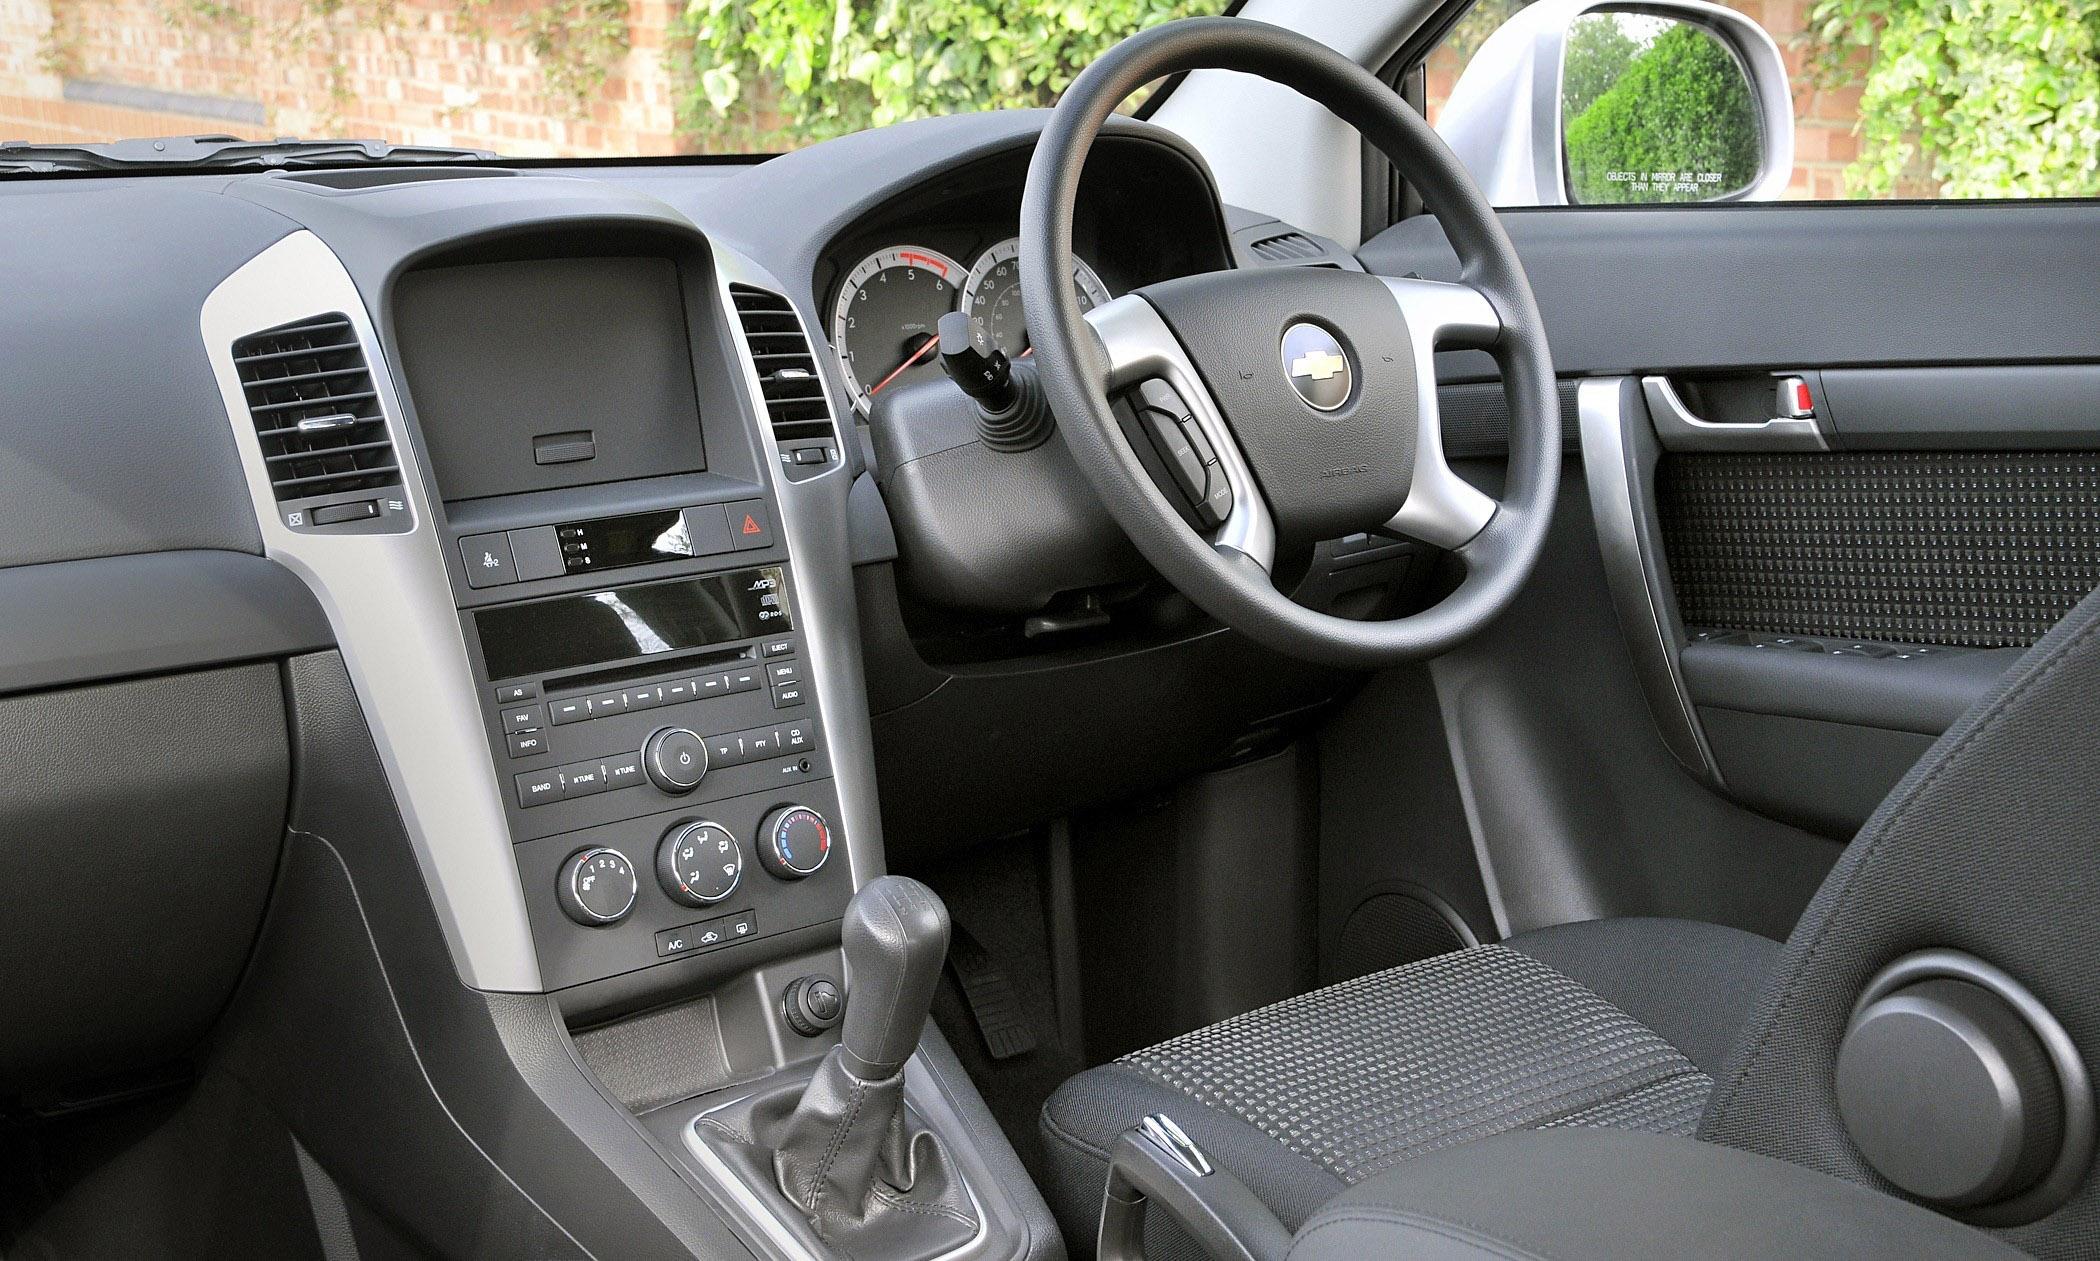 captiva style now even better value rh automobilesreview com Chevrolet Captiva Interior 2017 Chevrolet Captiva